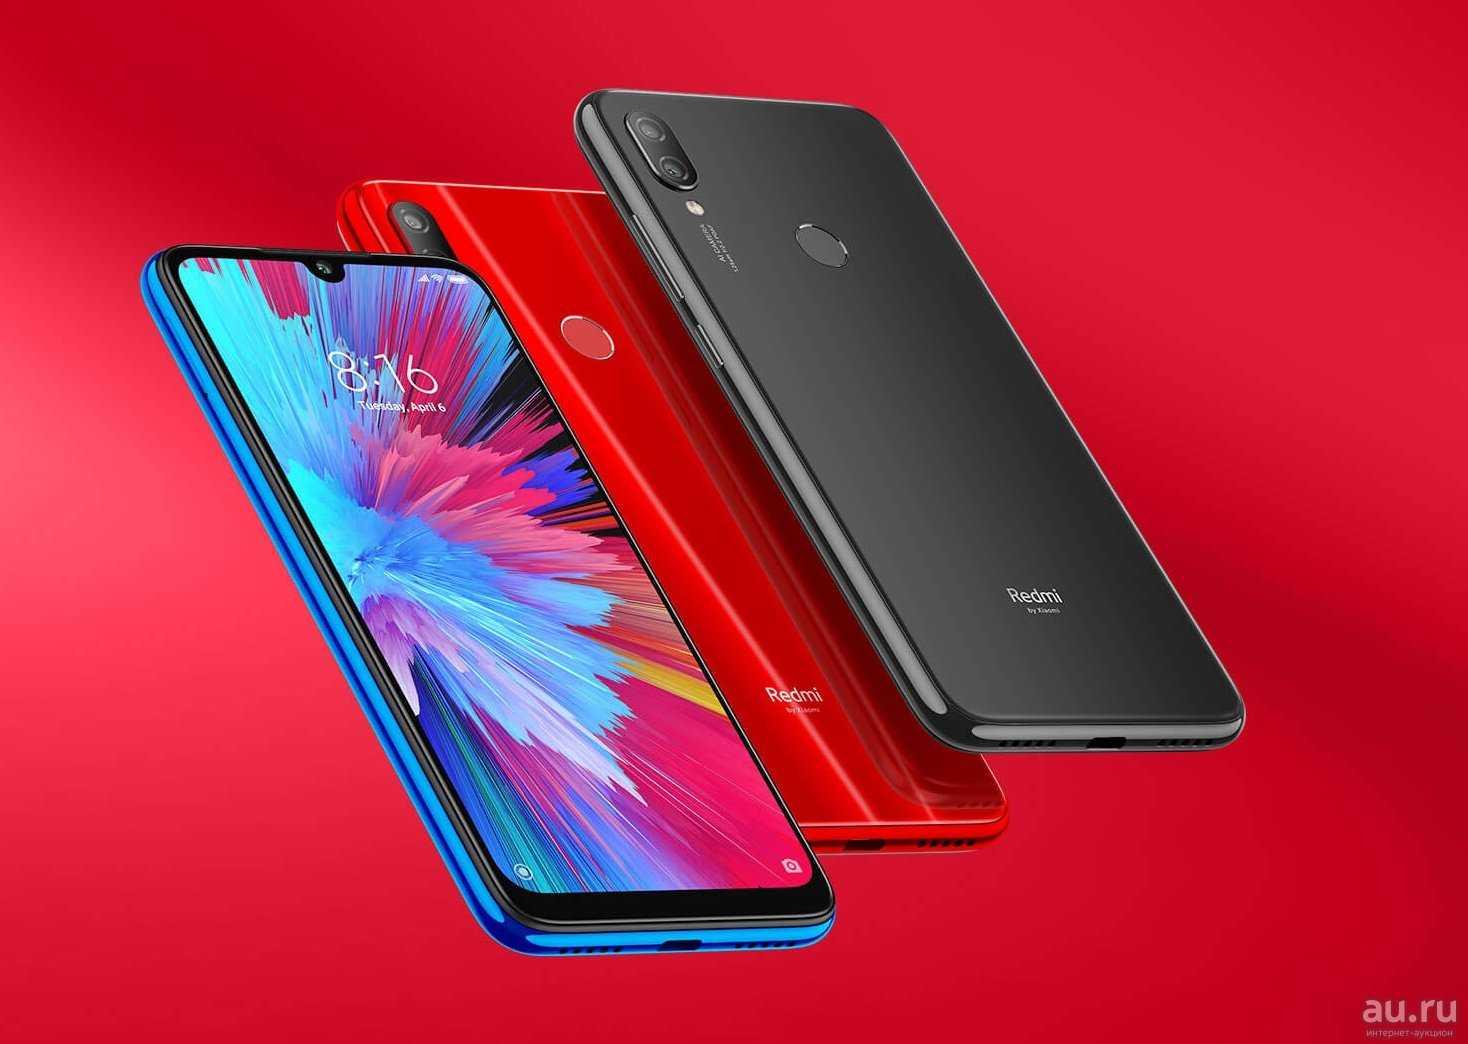 К сожалению для многихпоклонников смартфонов компании Xiaomi продажи Redmi Note 7 Pro не выйдут за пределы Индии и Китая Такую информацию опубликовал в своем Facebook